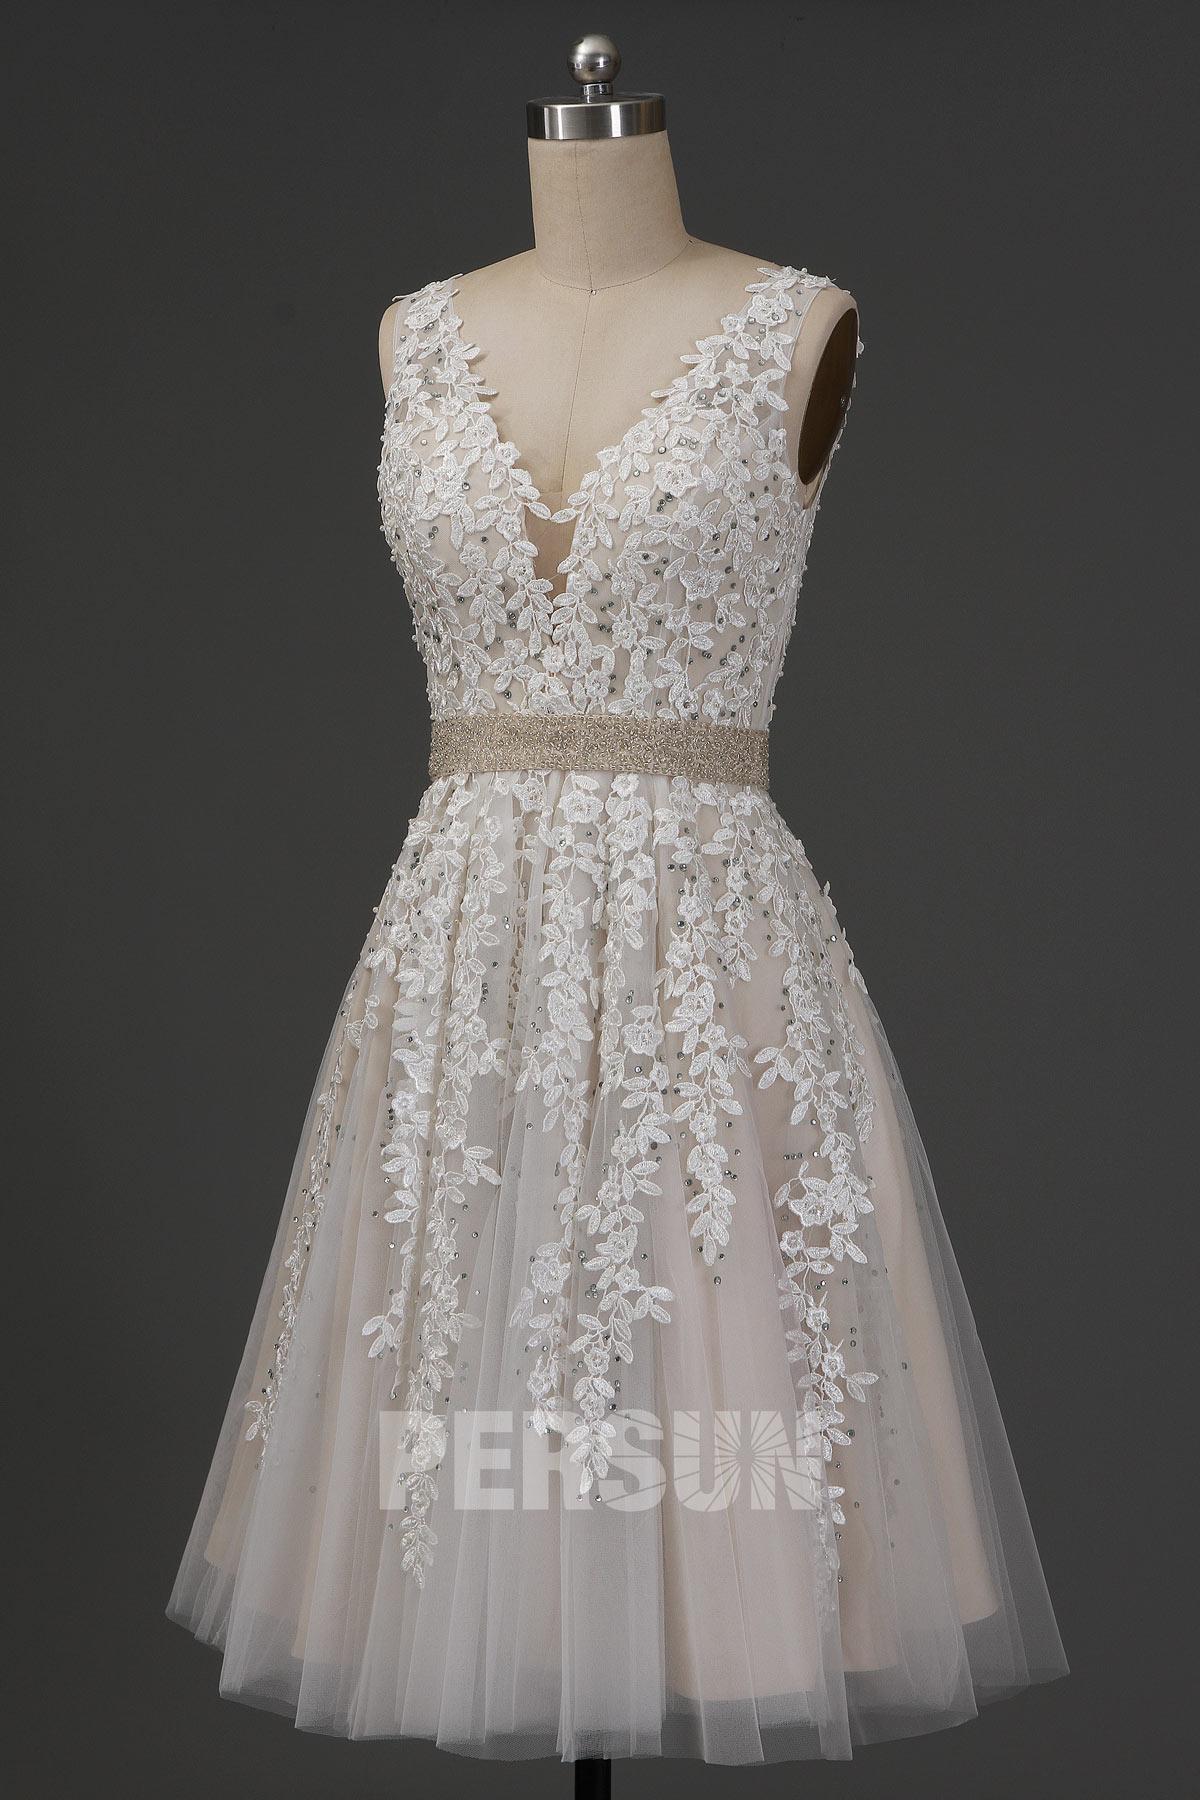 robe de mariée courte col v en dentelle appliquée florale et ceinture champagne parée de perlettes